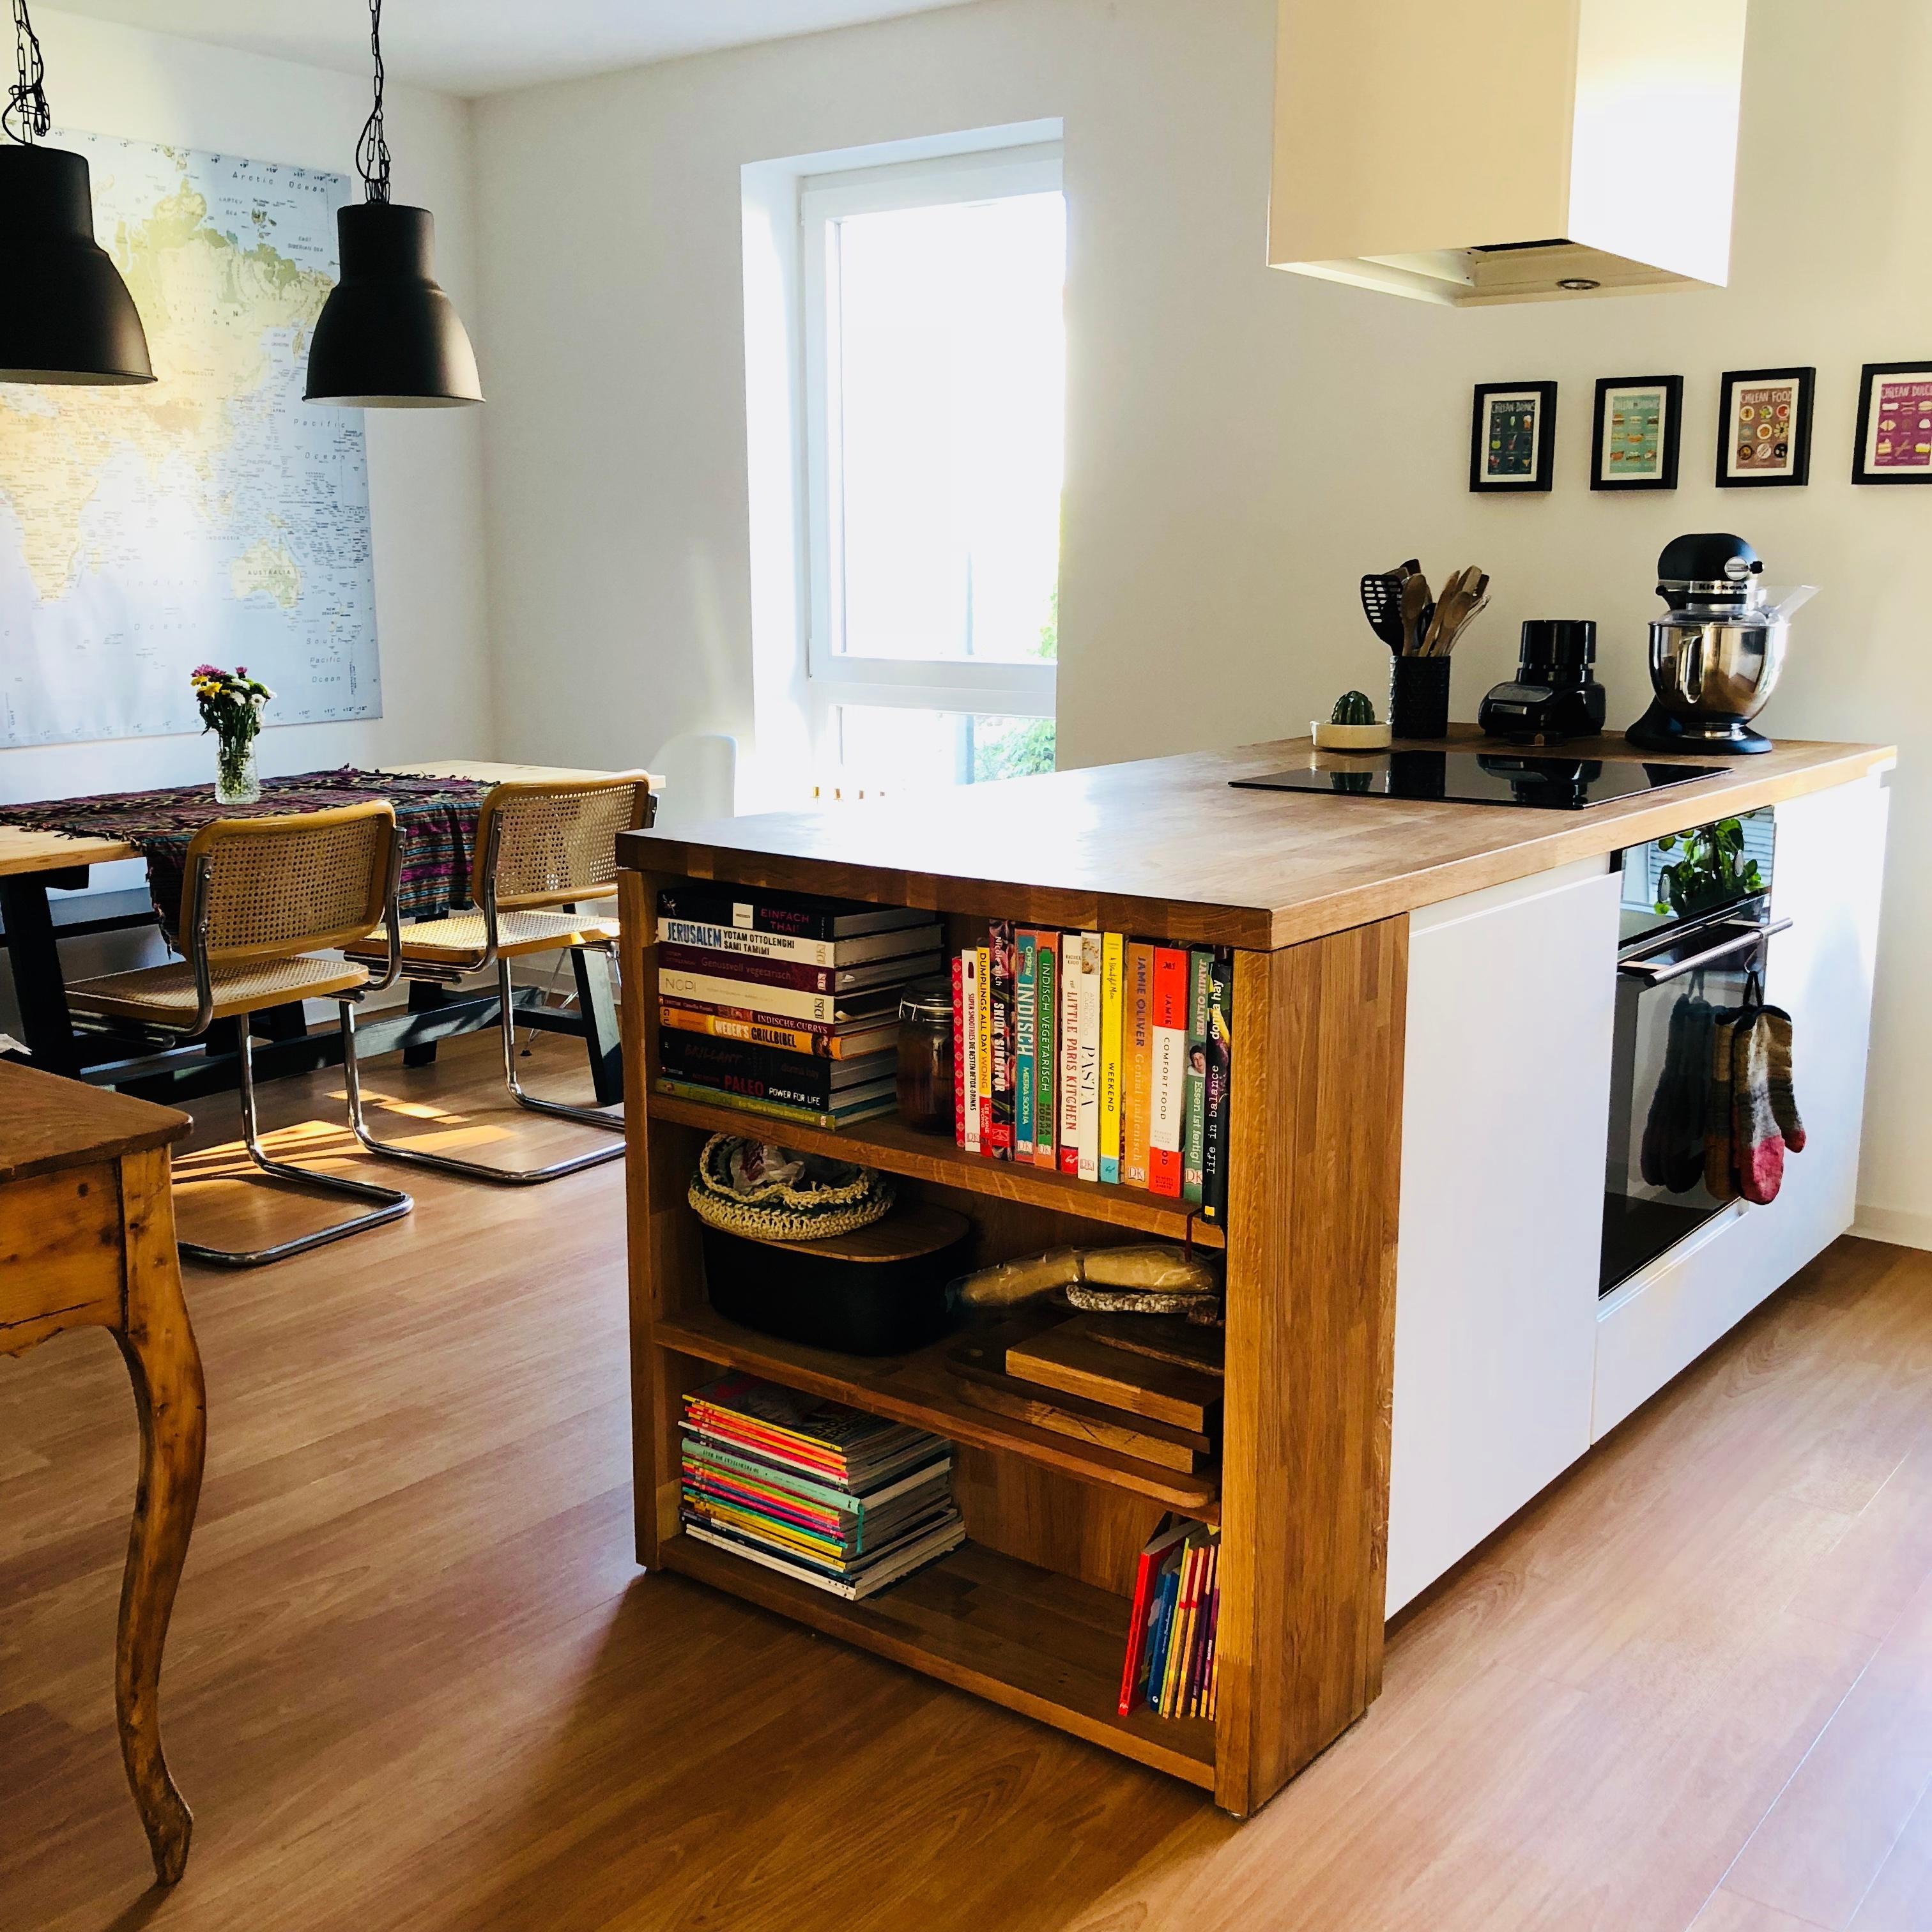 Ikea Deko Küche. Arbeitsplatte Küche Ideen Kokosöl In Der Kleine ...